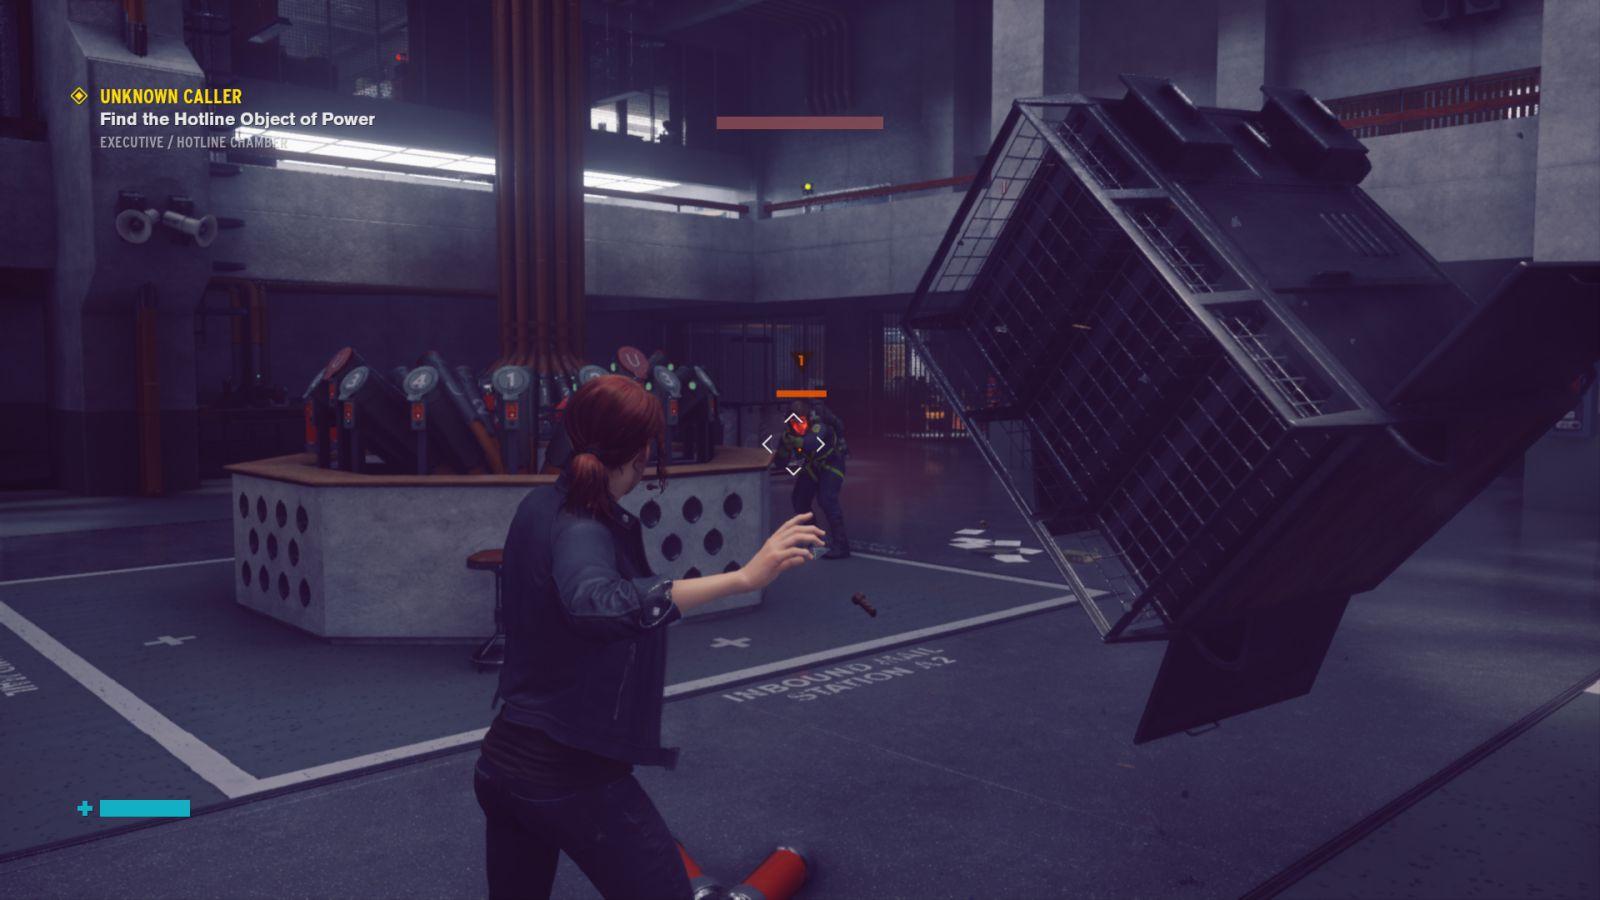 بهروزرسانی جدیدی برای بازی Control منتشر شد